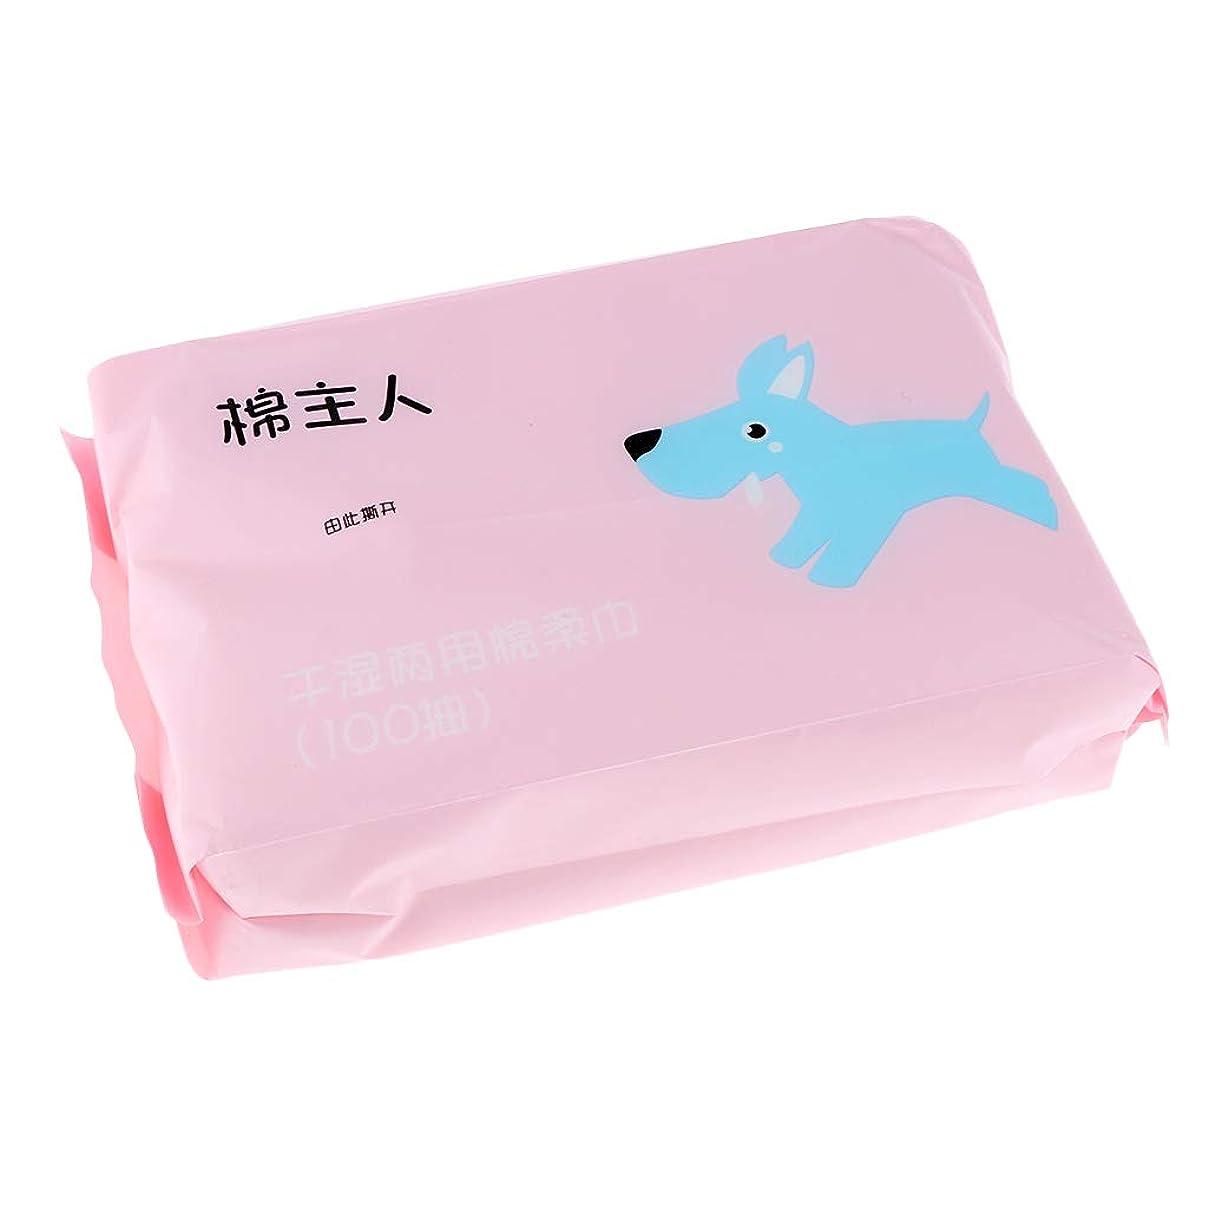 男それるP Prettyia 約100枚 使い捨て クレンジングシート ソフト 2色選べ  - ピンク